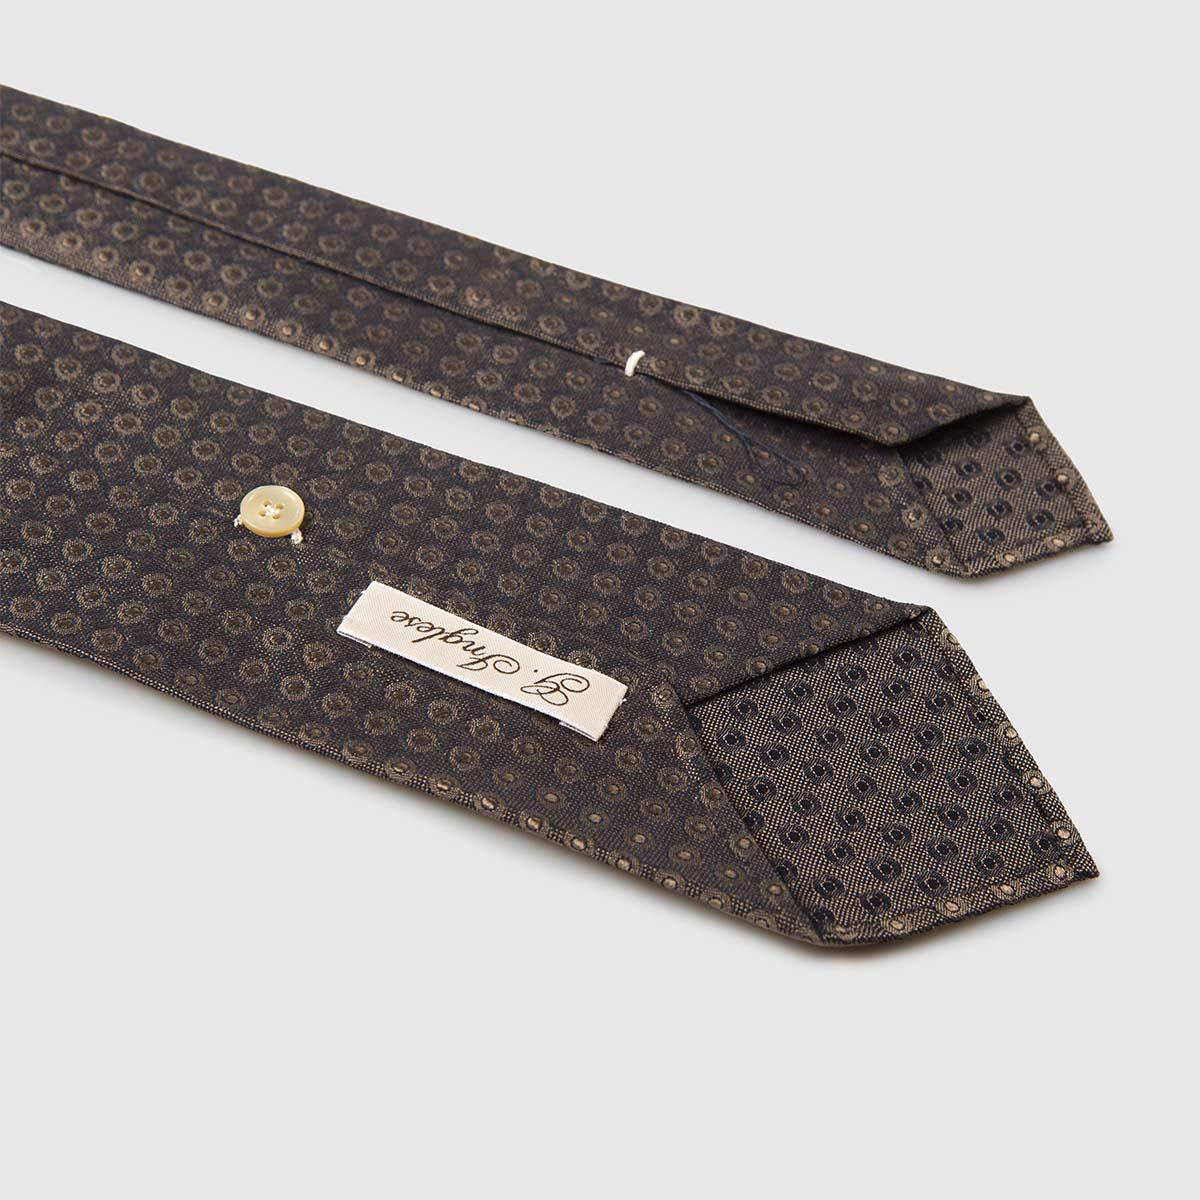 Cravatta rifinita a mano in Seta Jacquard G.inglese